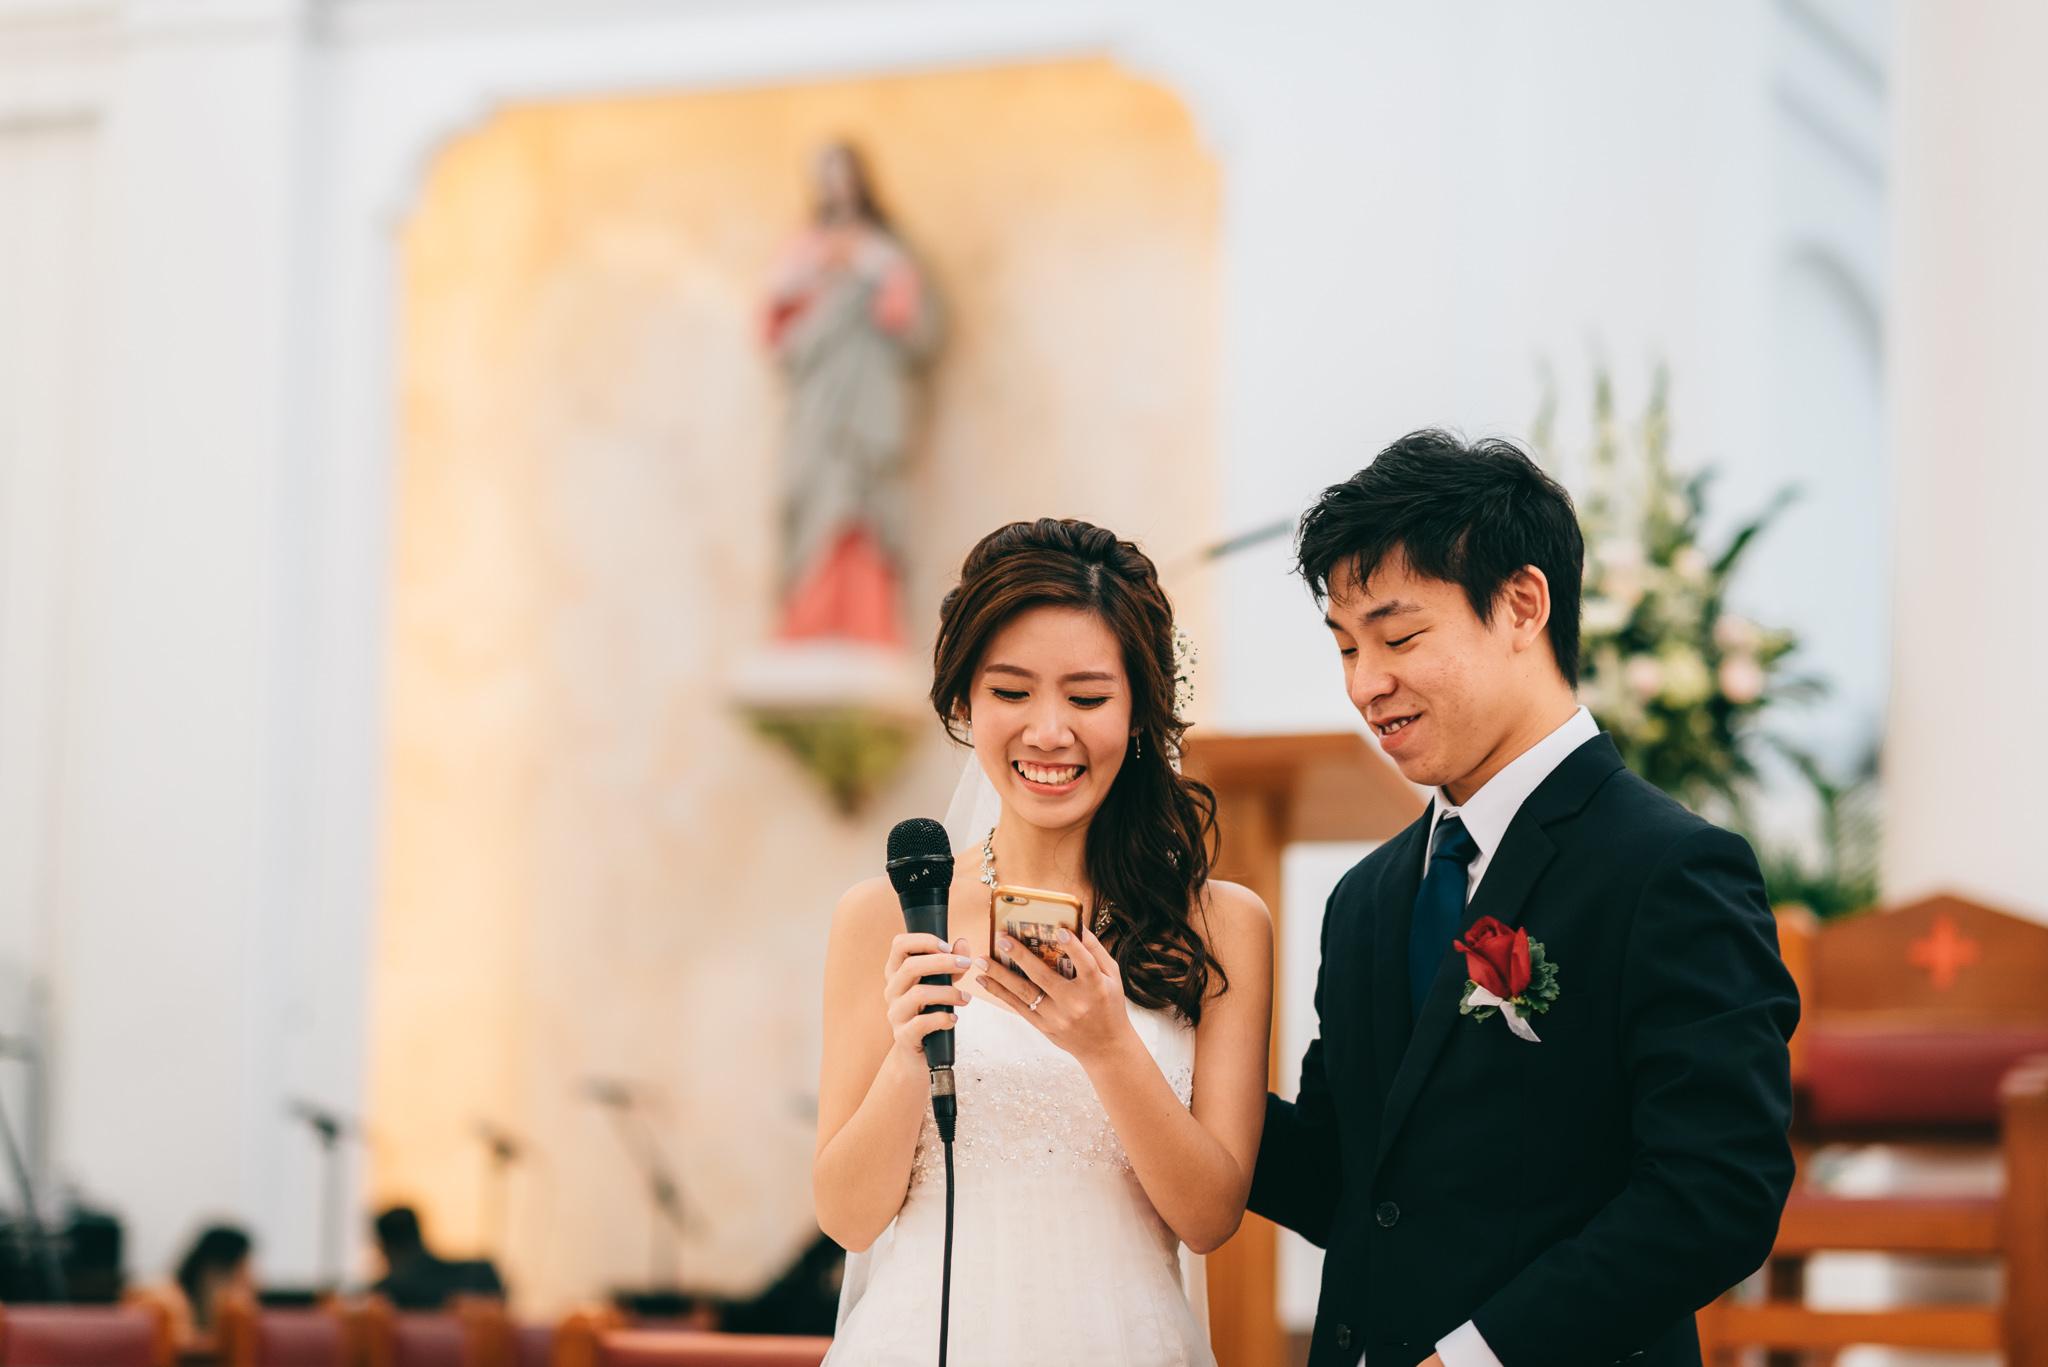 Lionel & Karen Wedding Day Highlights (resized for sharing) - 091.jpg